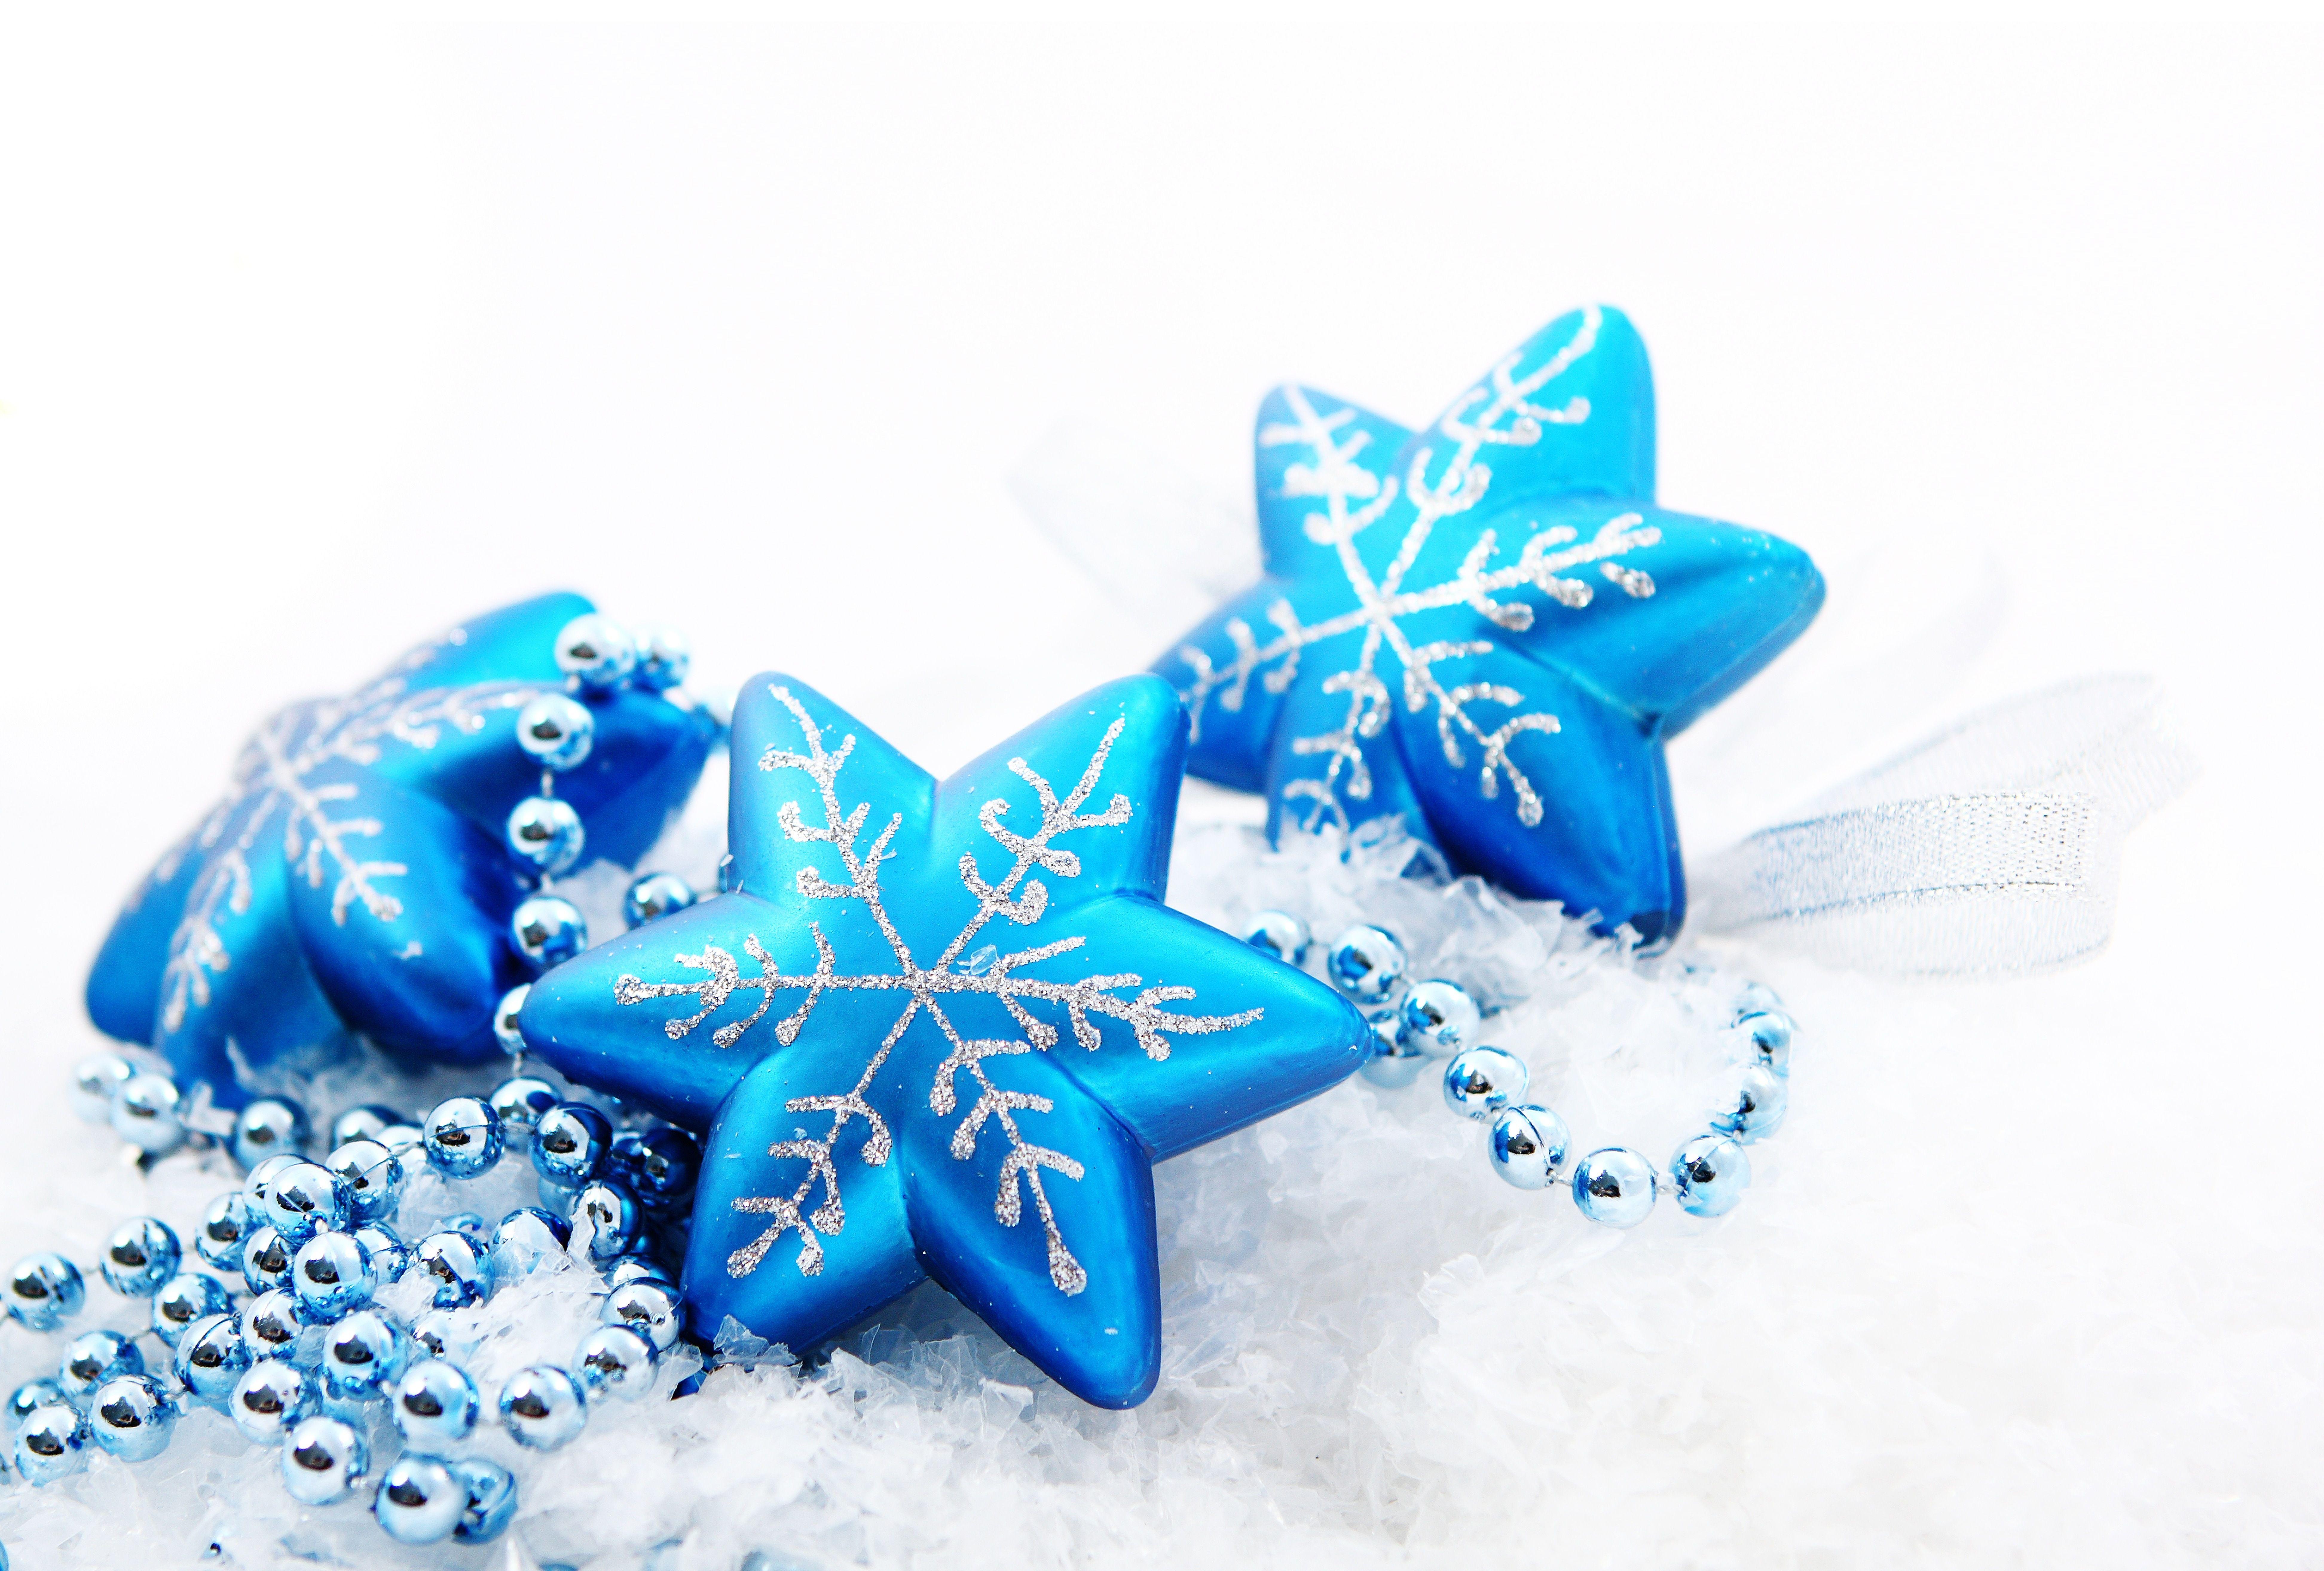 часы игрушки подарки снежинки  № 2647418 бесплатно